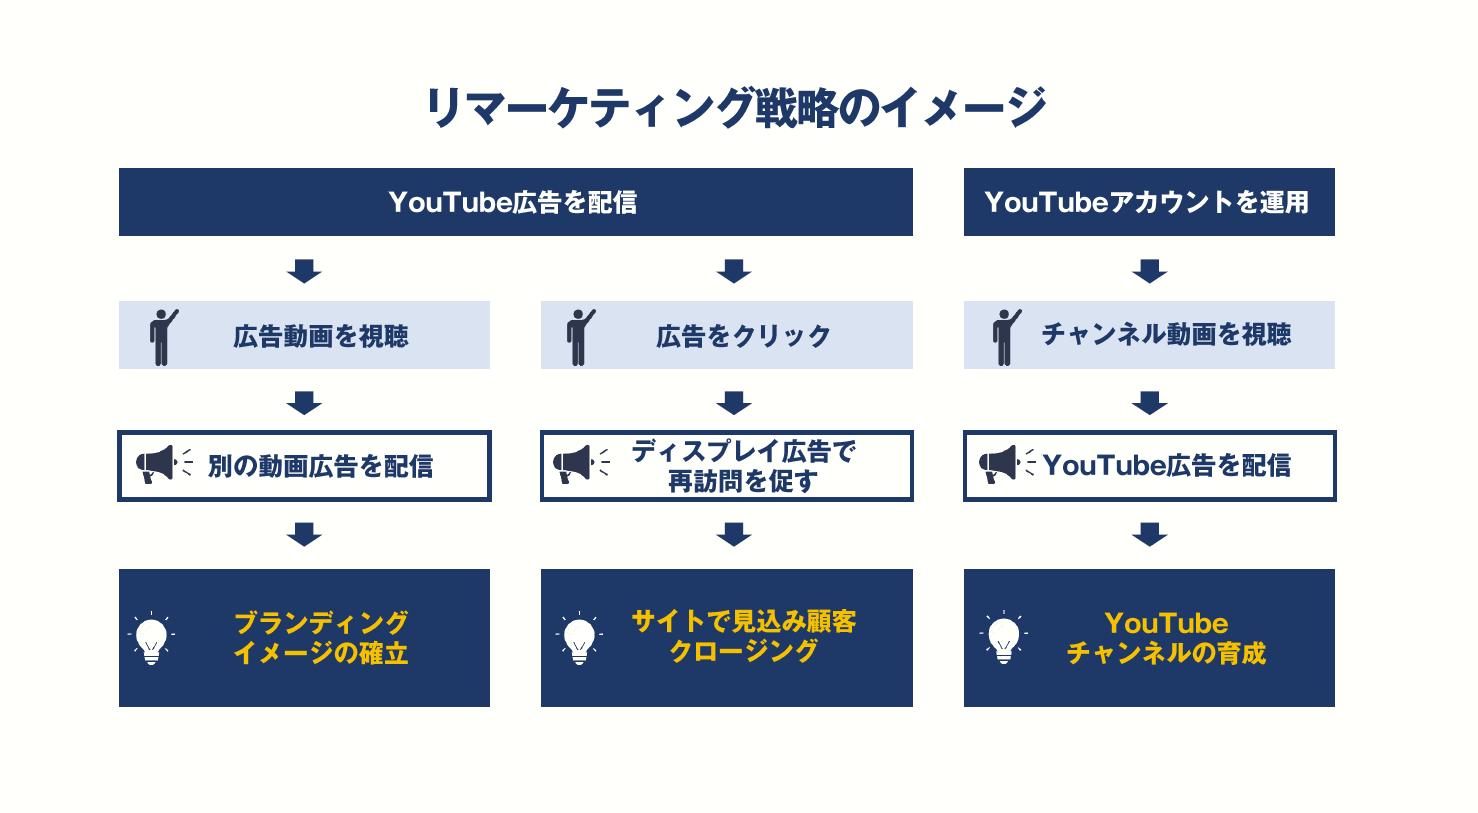 ウェビナー資料より:「売り上げを創る」動画広告に欠かせないリマーケティング戦略についても紹介します